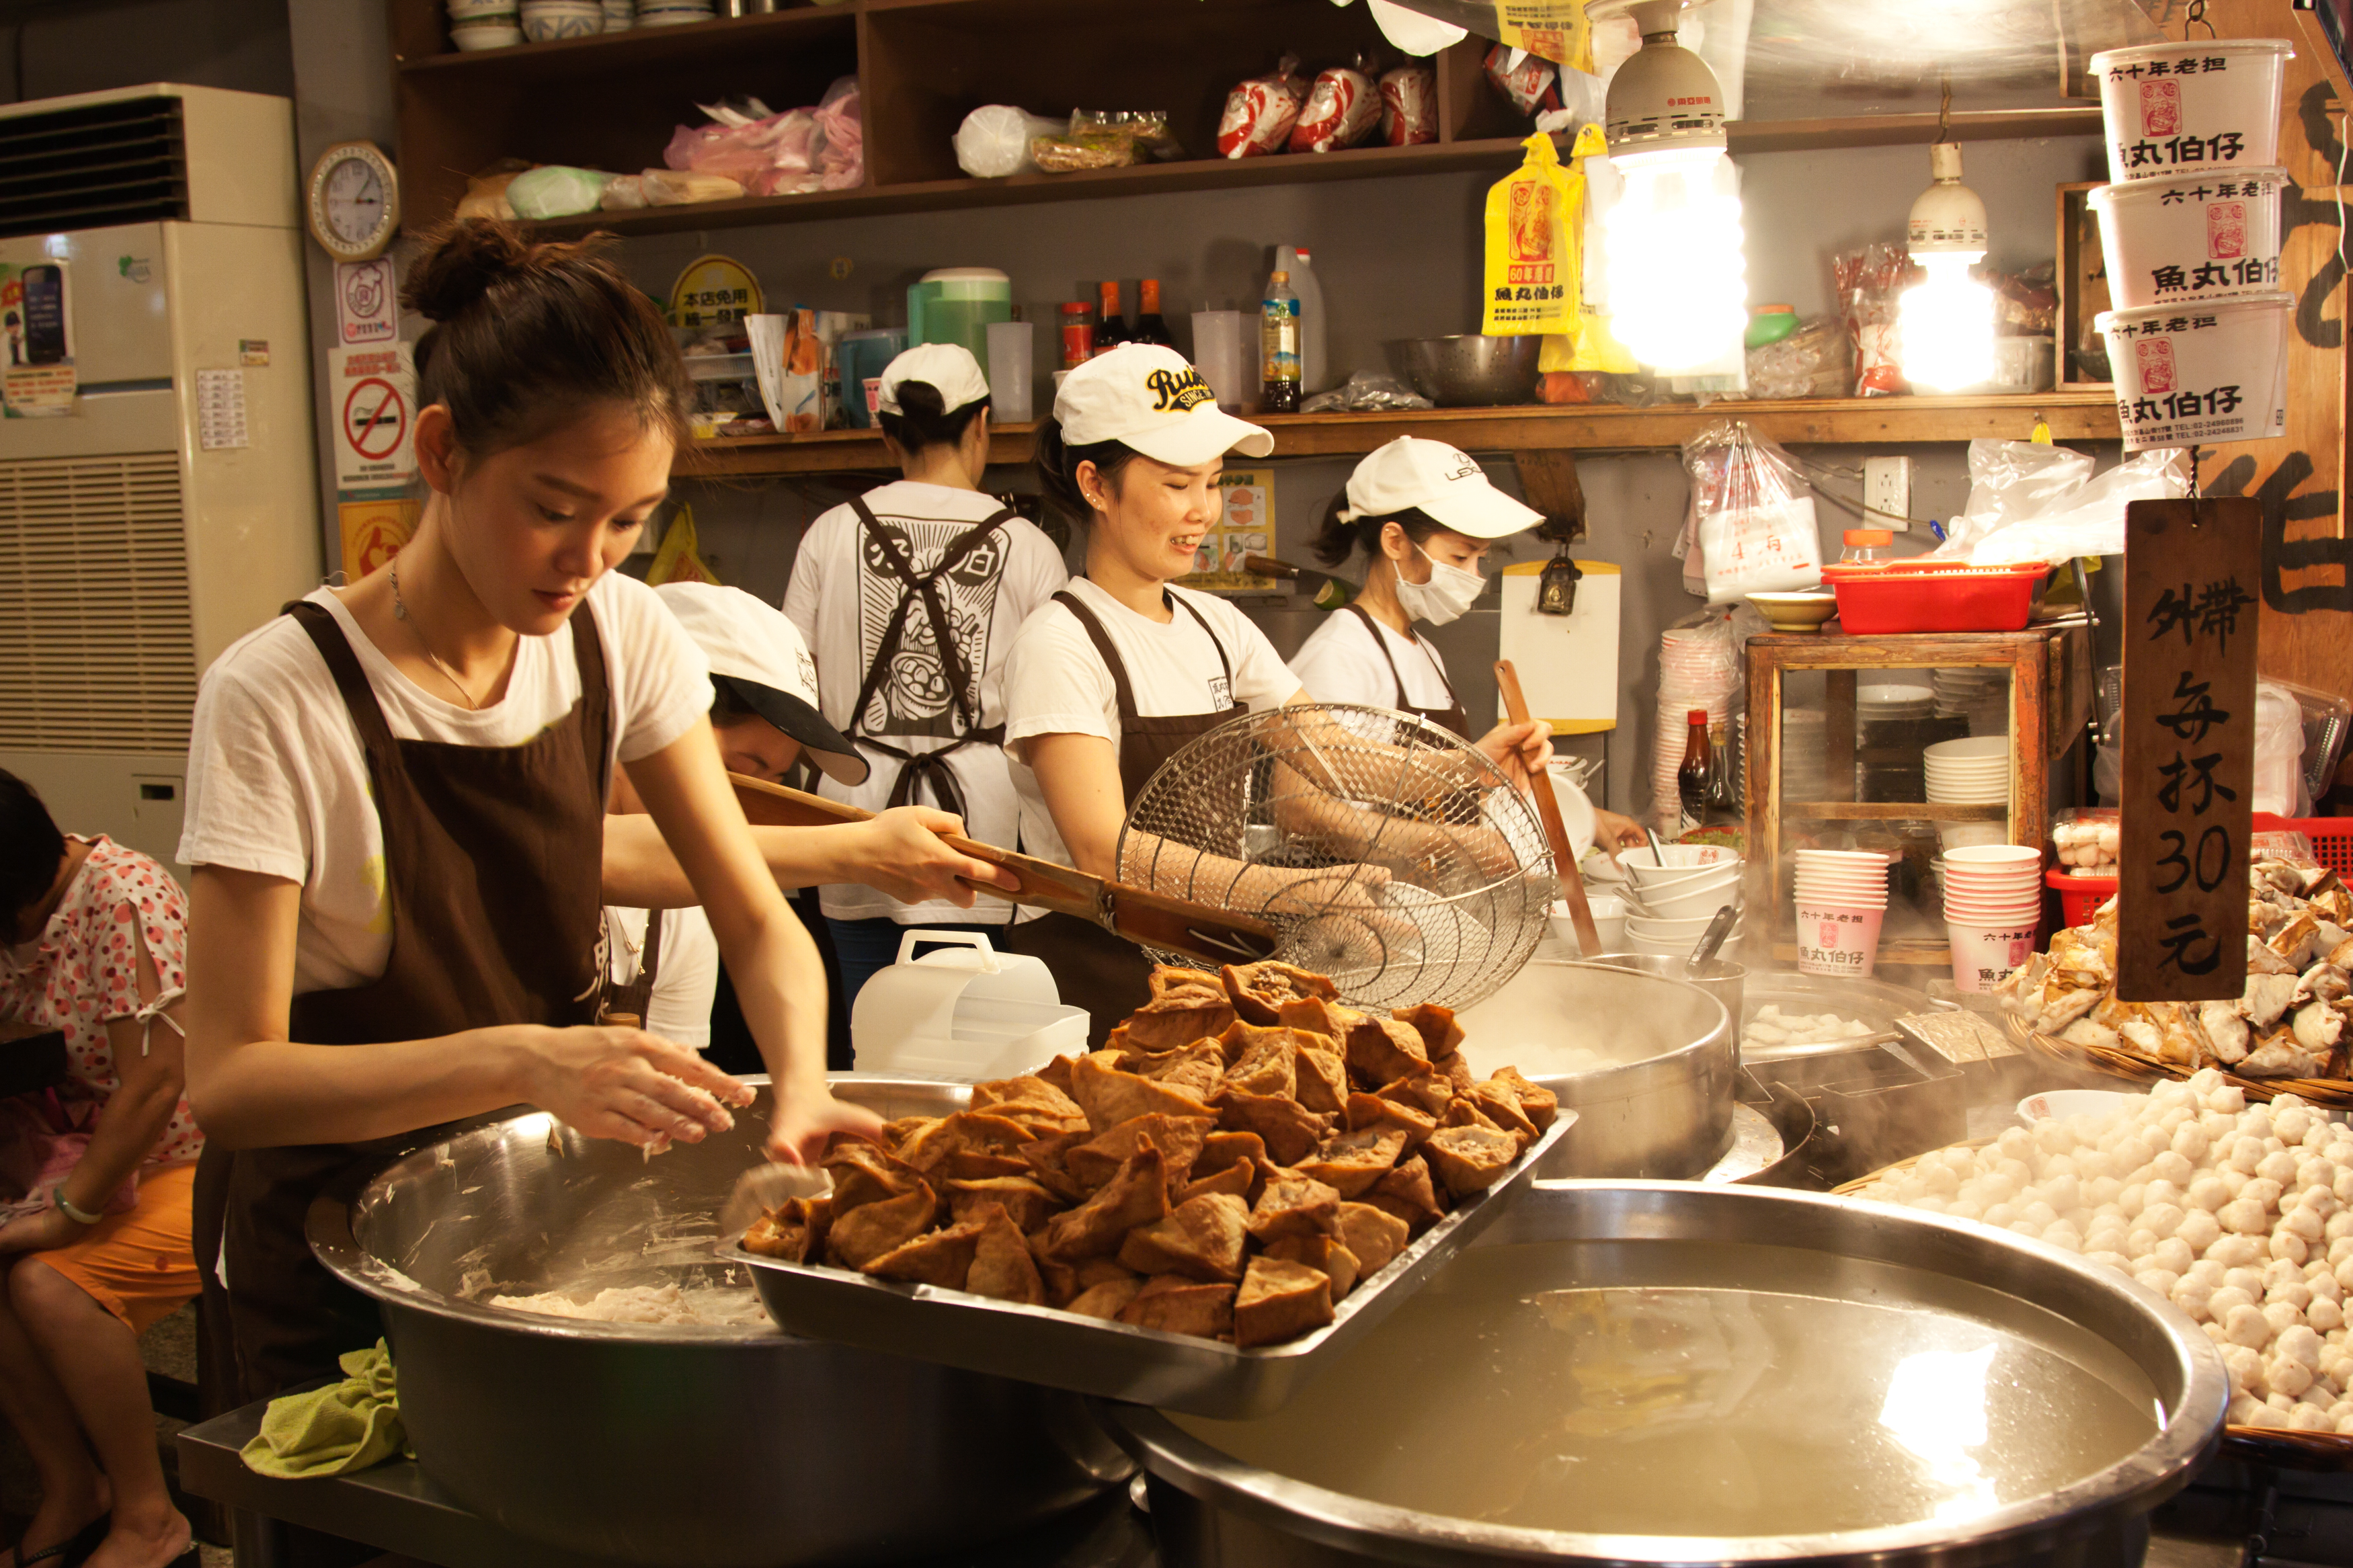 第五屆全國北港報馬仔盃創意料理大賽中華醫餐旅廚藝選手勇奪狀元獎-中華醫事科技大學